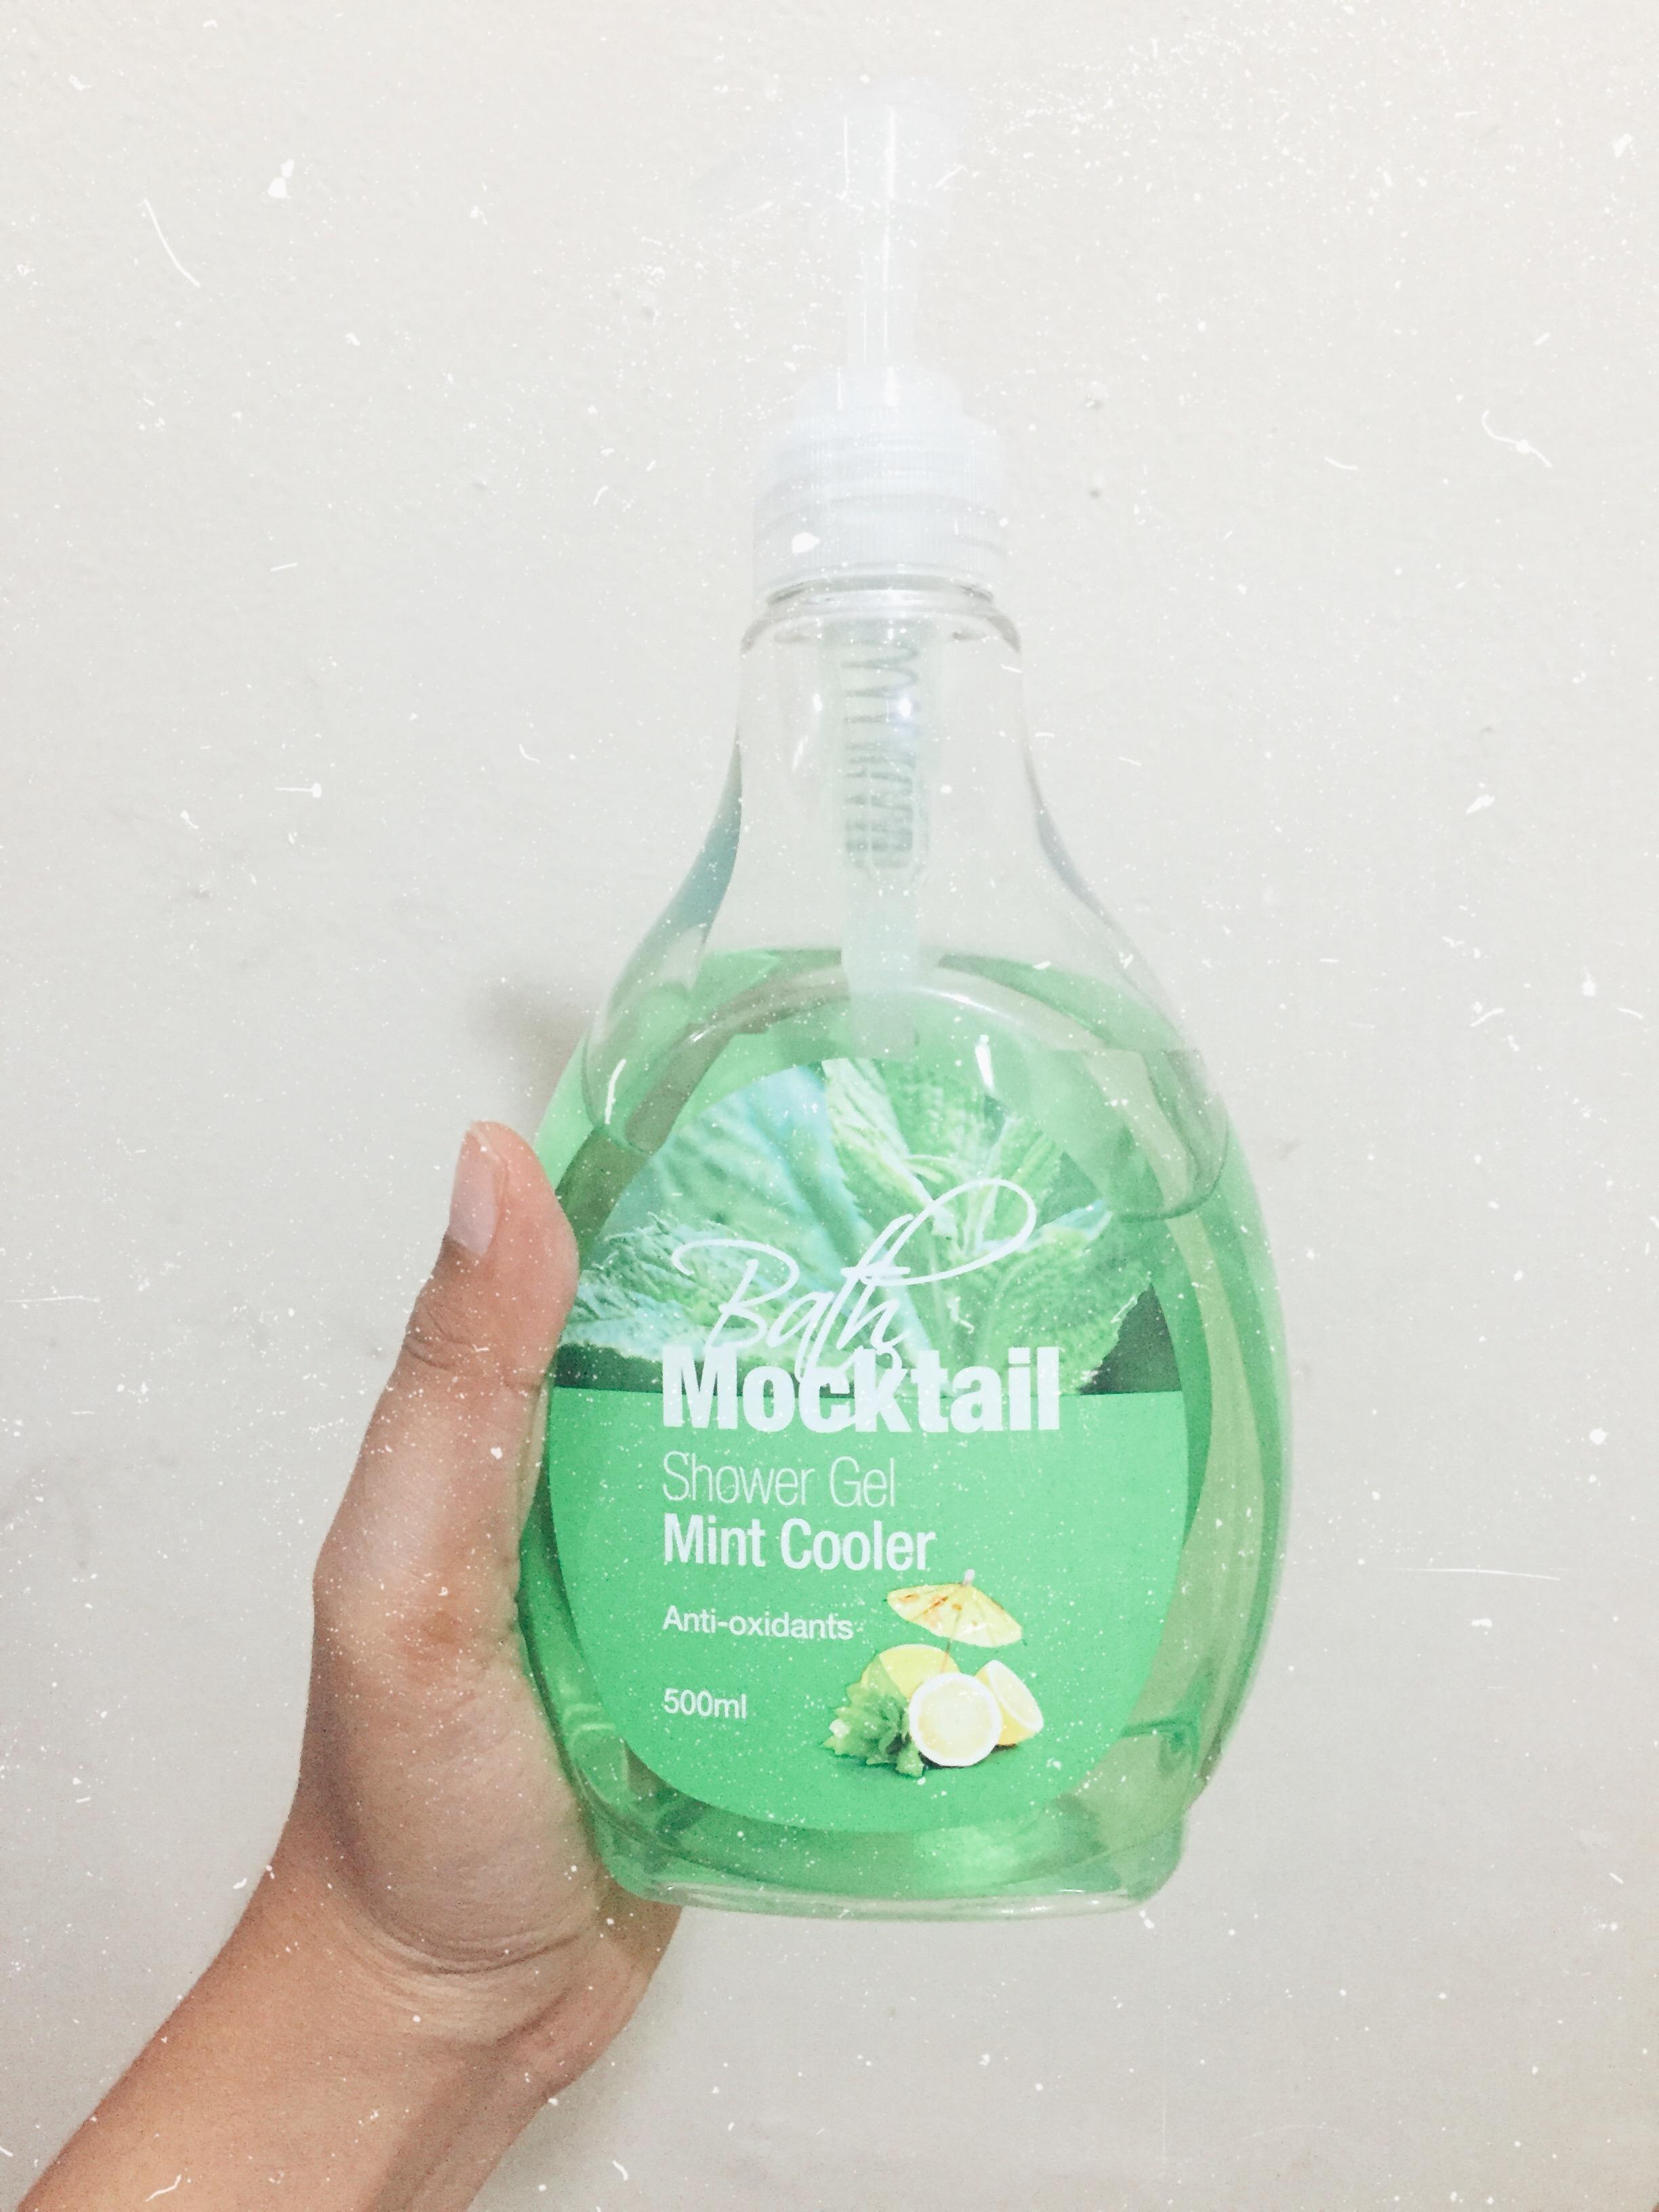 image review BATH MOCKTAIL Shower Gel Mint Cooler